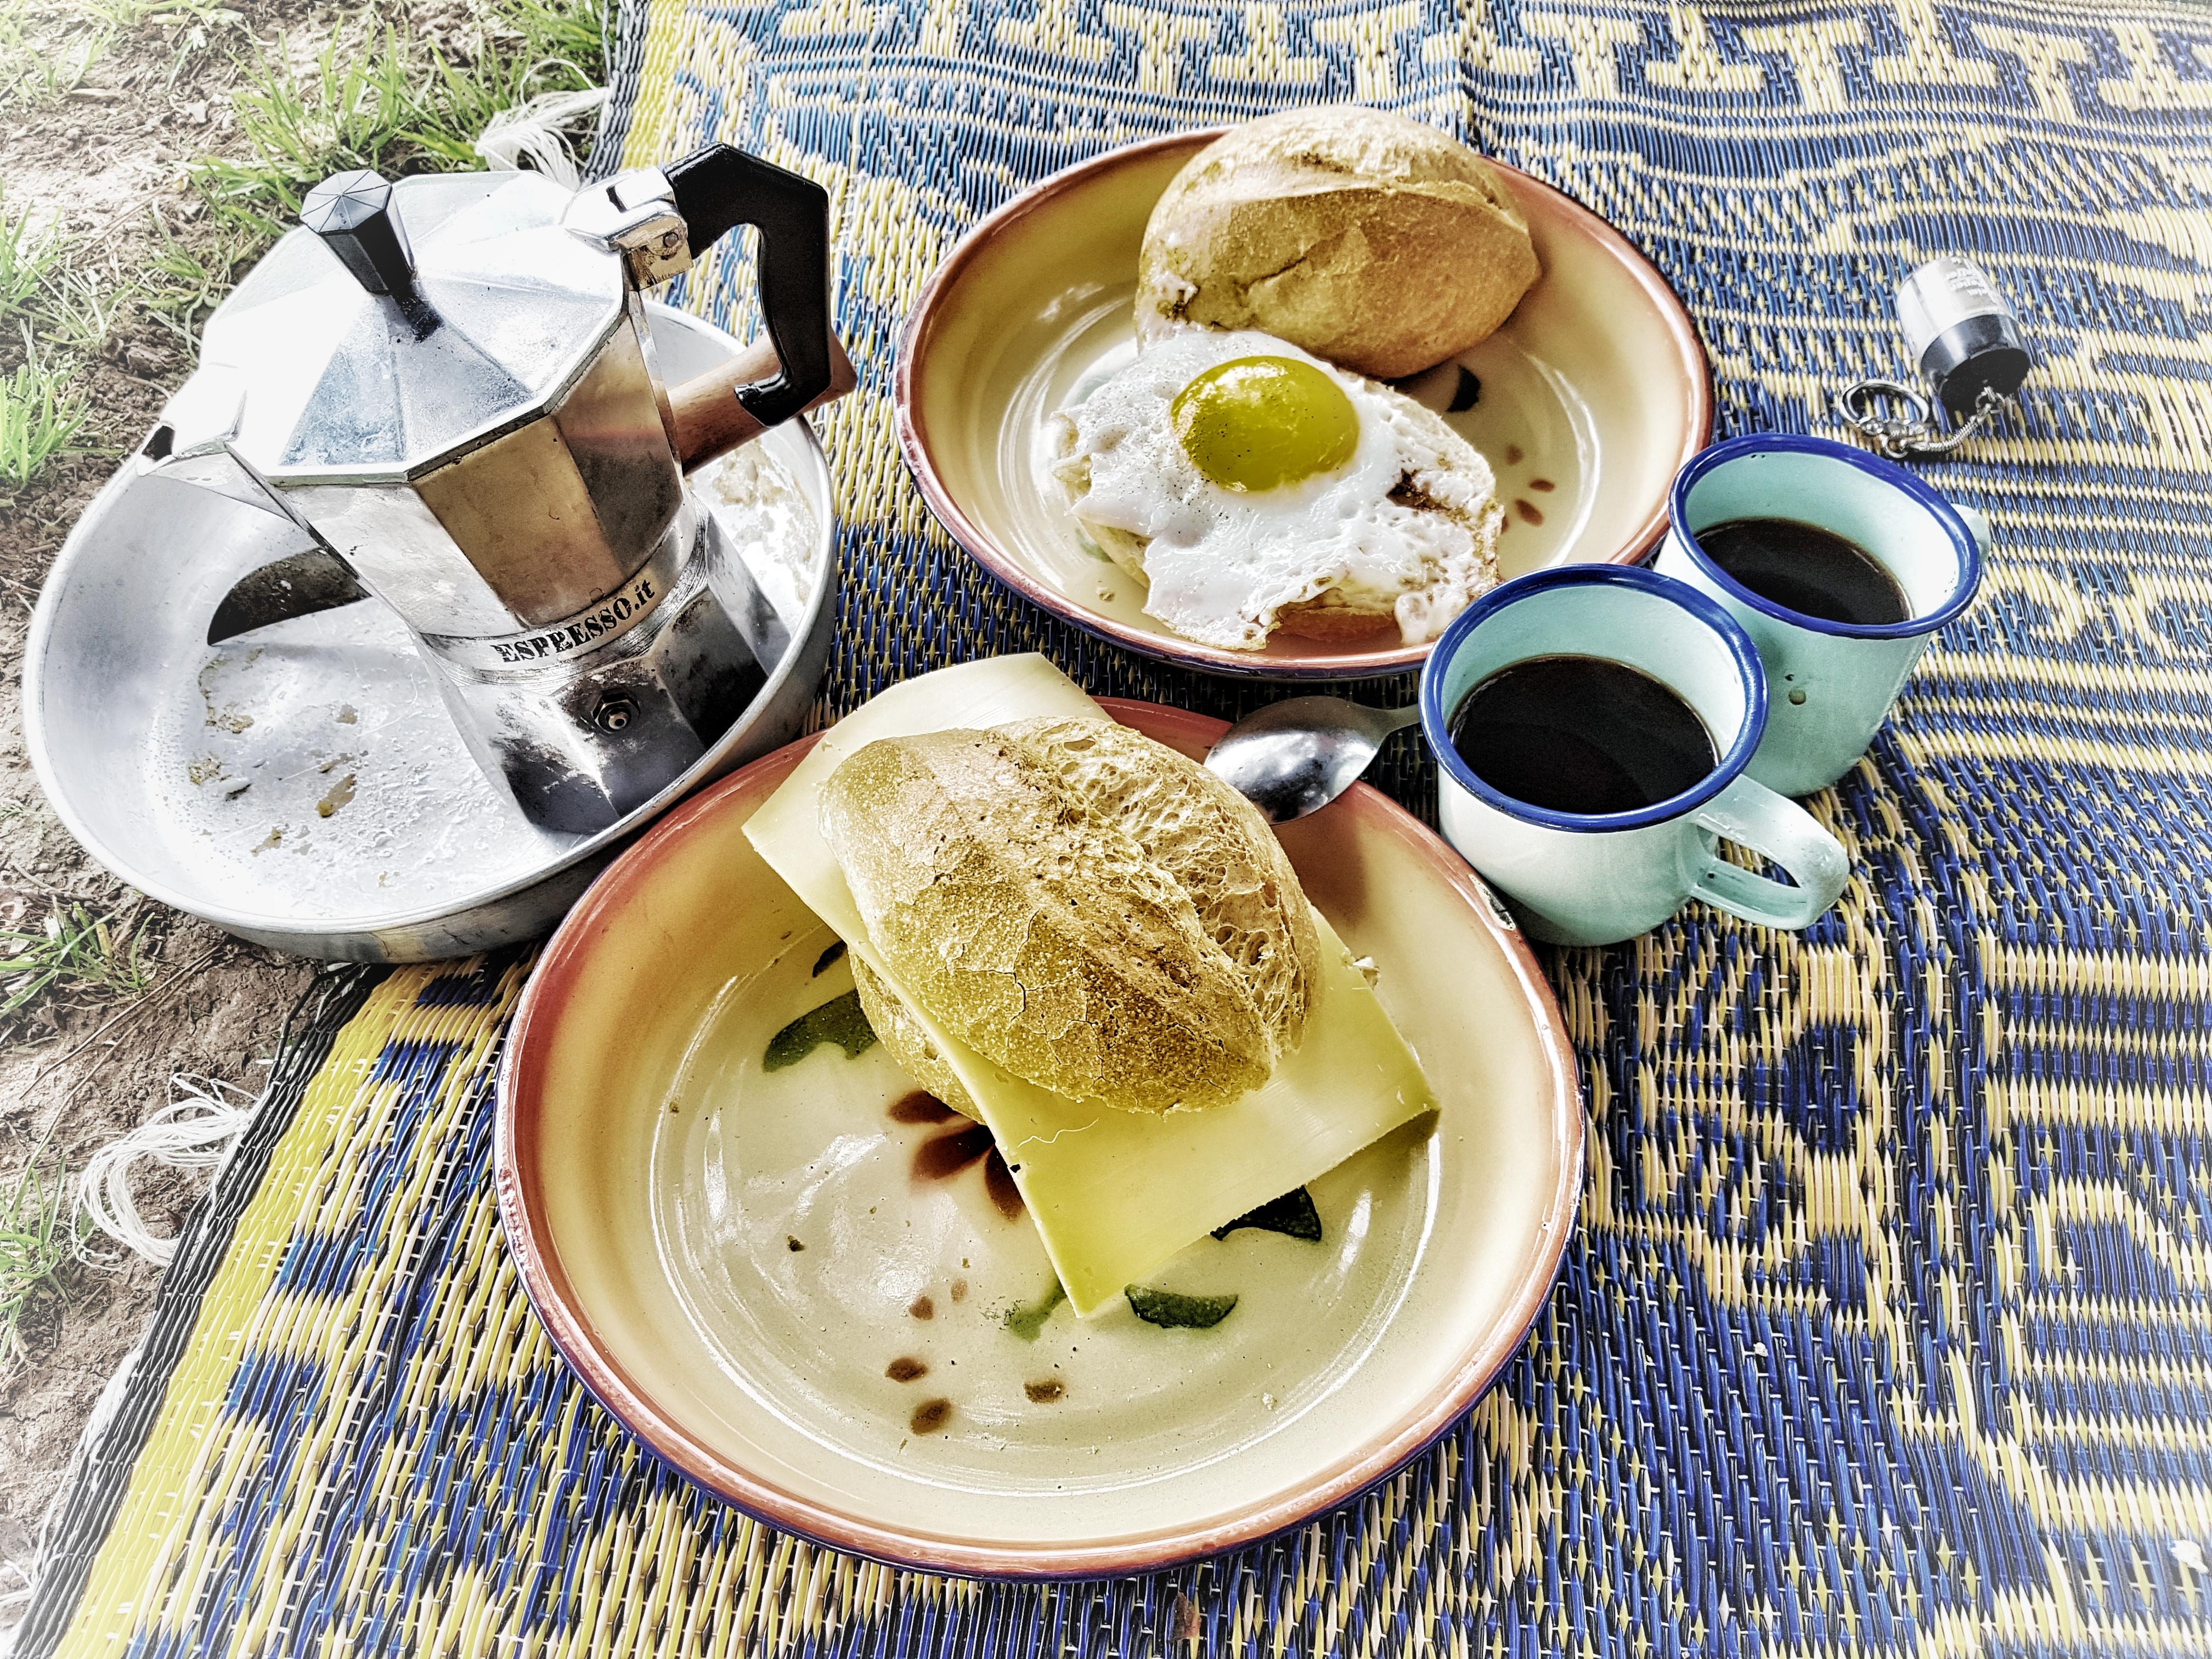 Frühstück in Deutschland am Rhein auf Radreise von Rane + Patrick